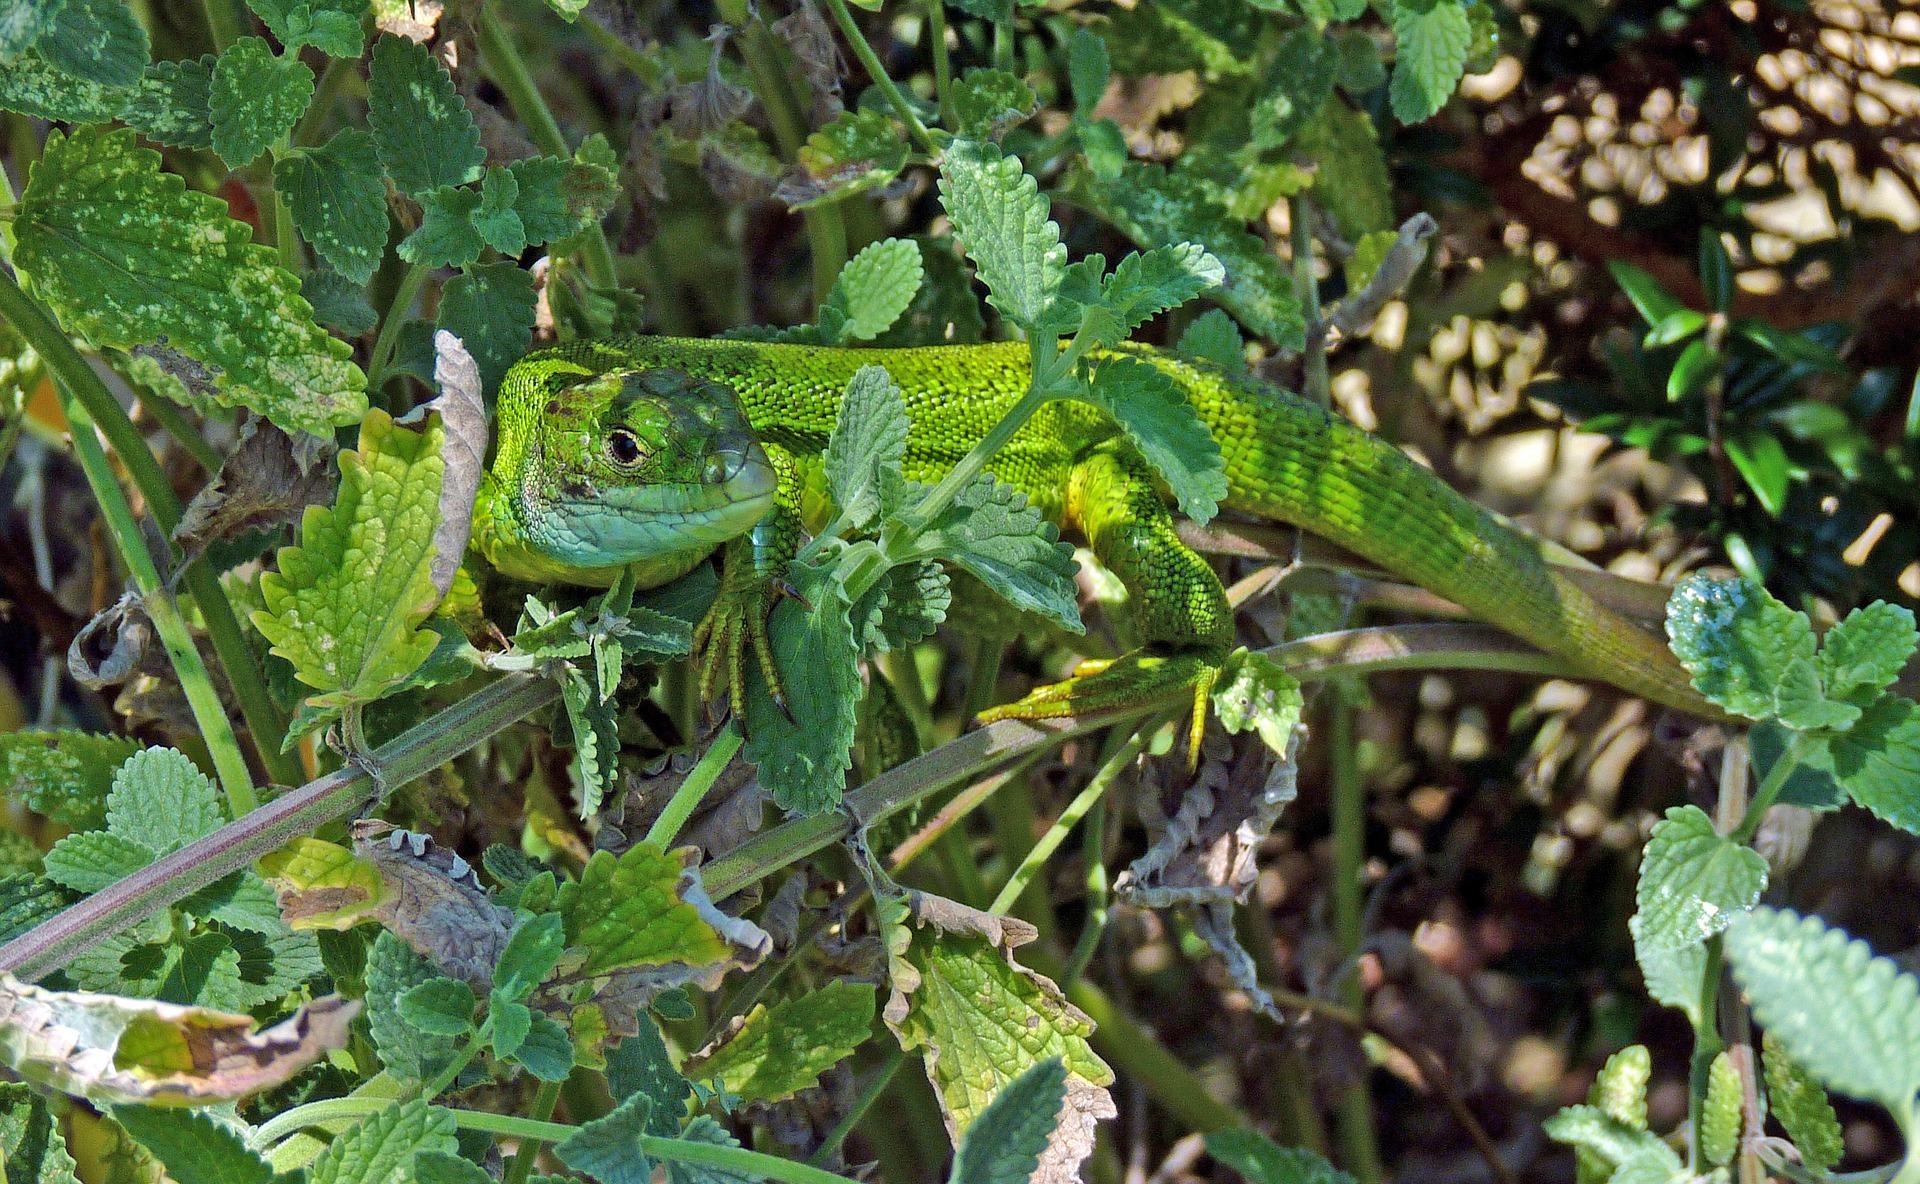 green-lizard-1762556_1920pixabay.jpg